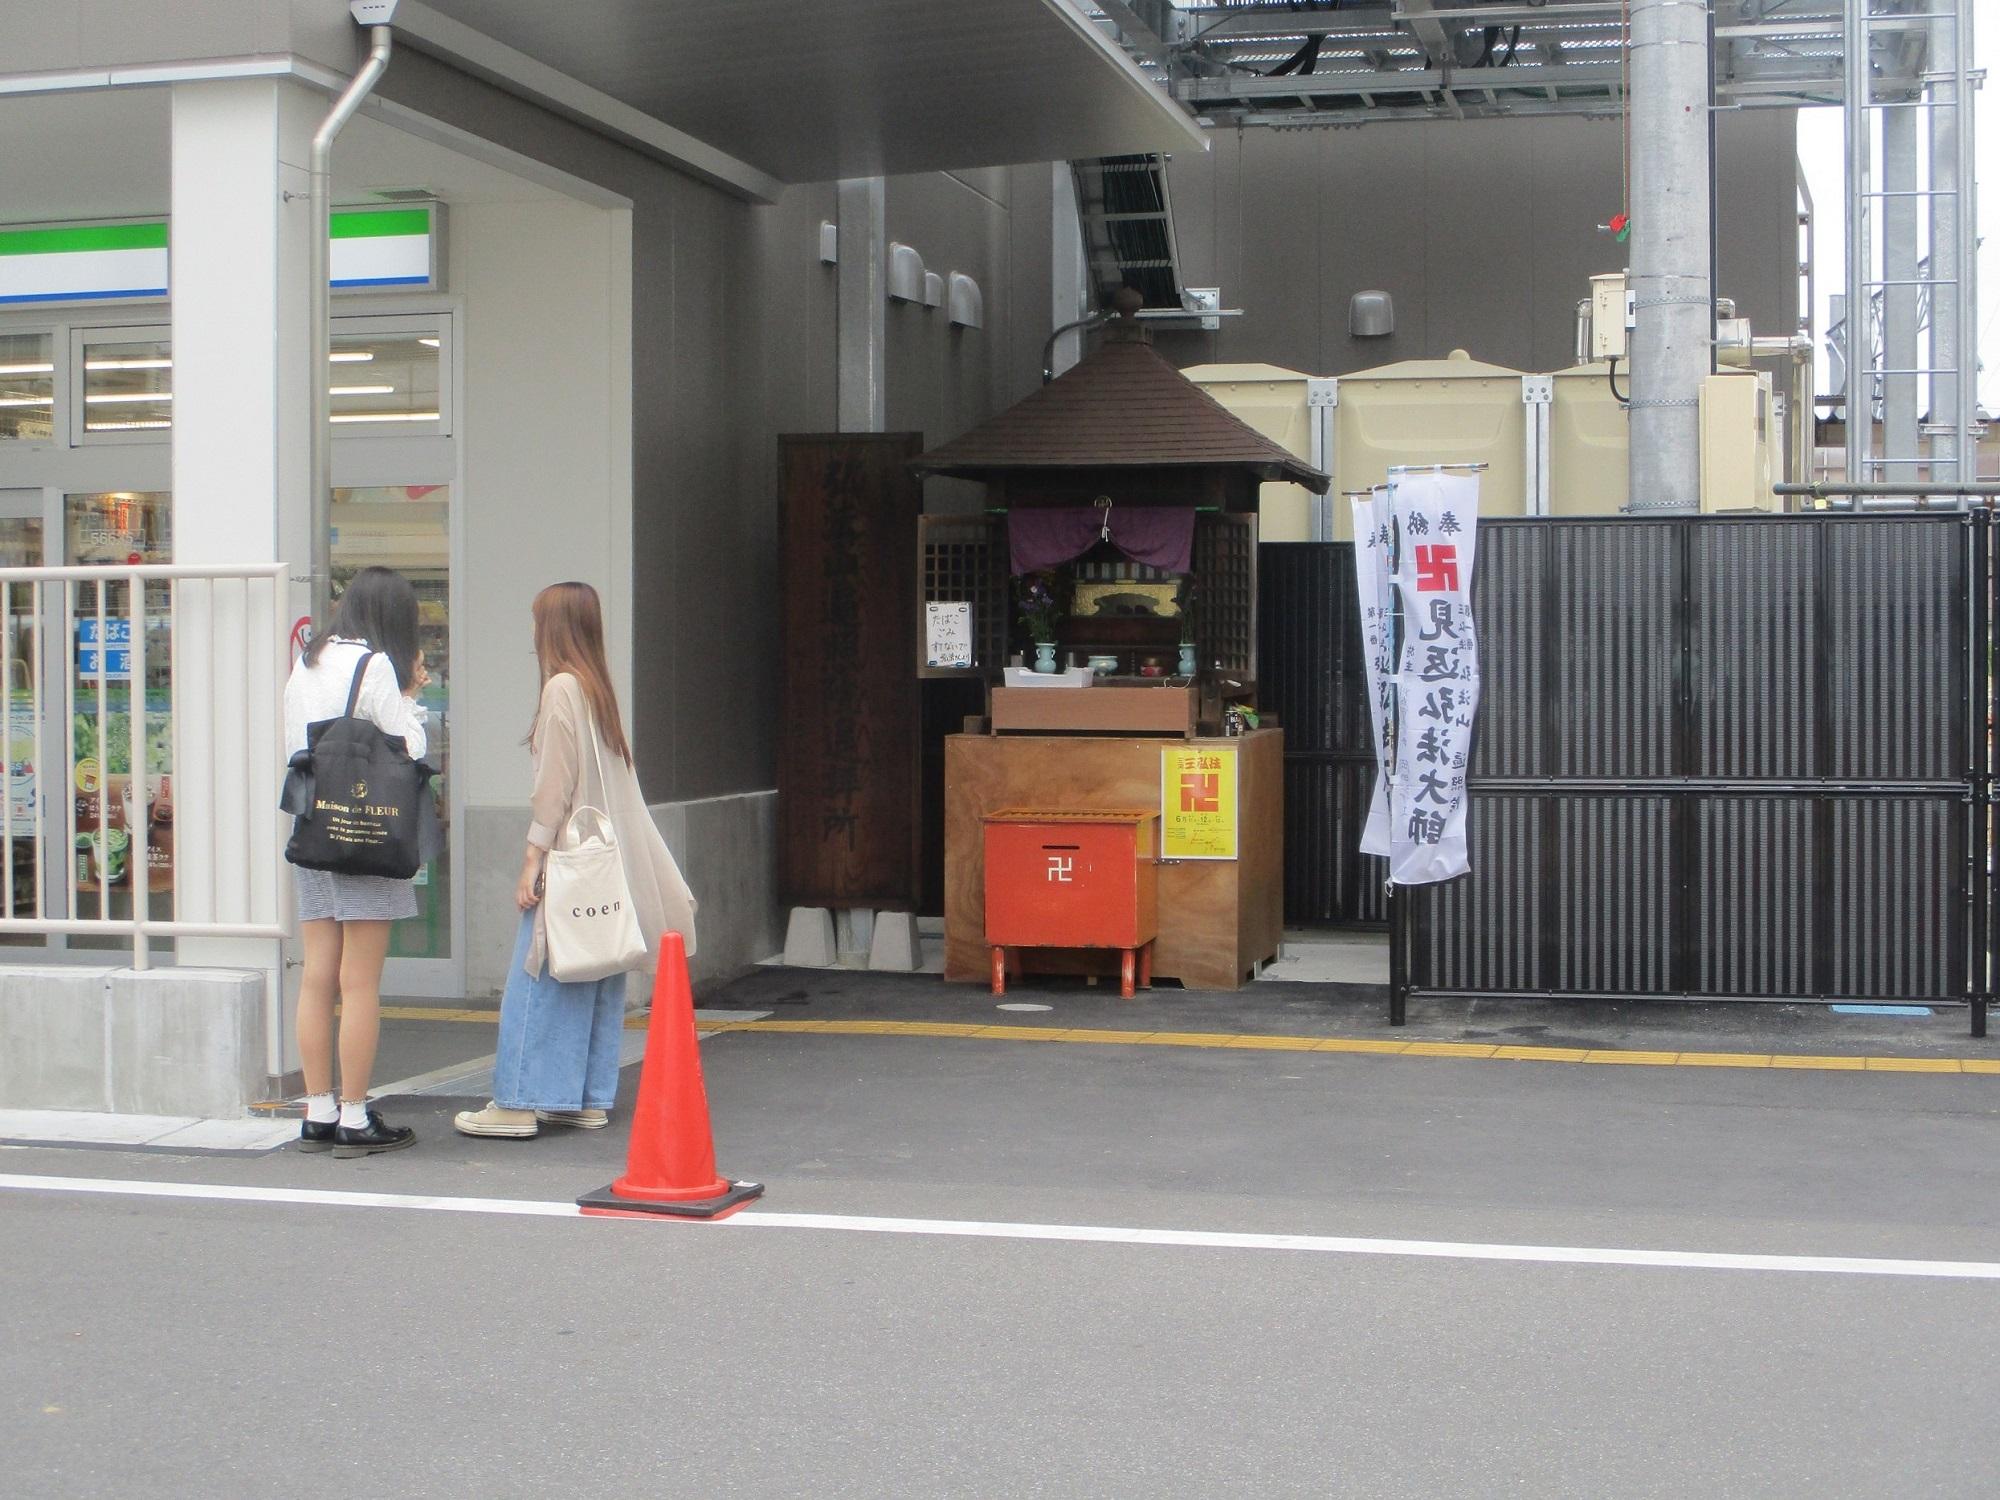 2020.6.1 (34-1) 知立駅 - 弘法山遍照院遥拝所 2000-1500